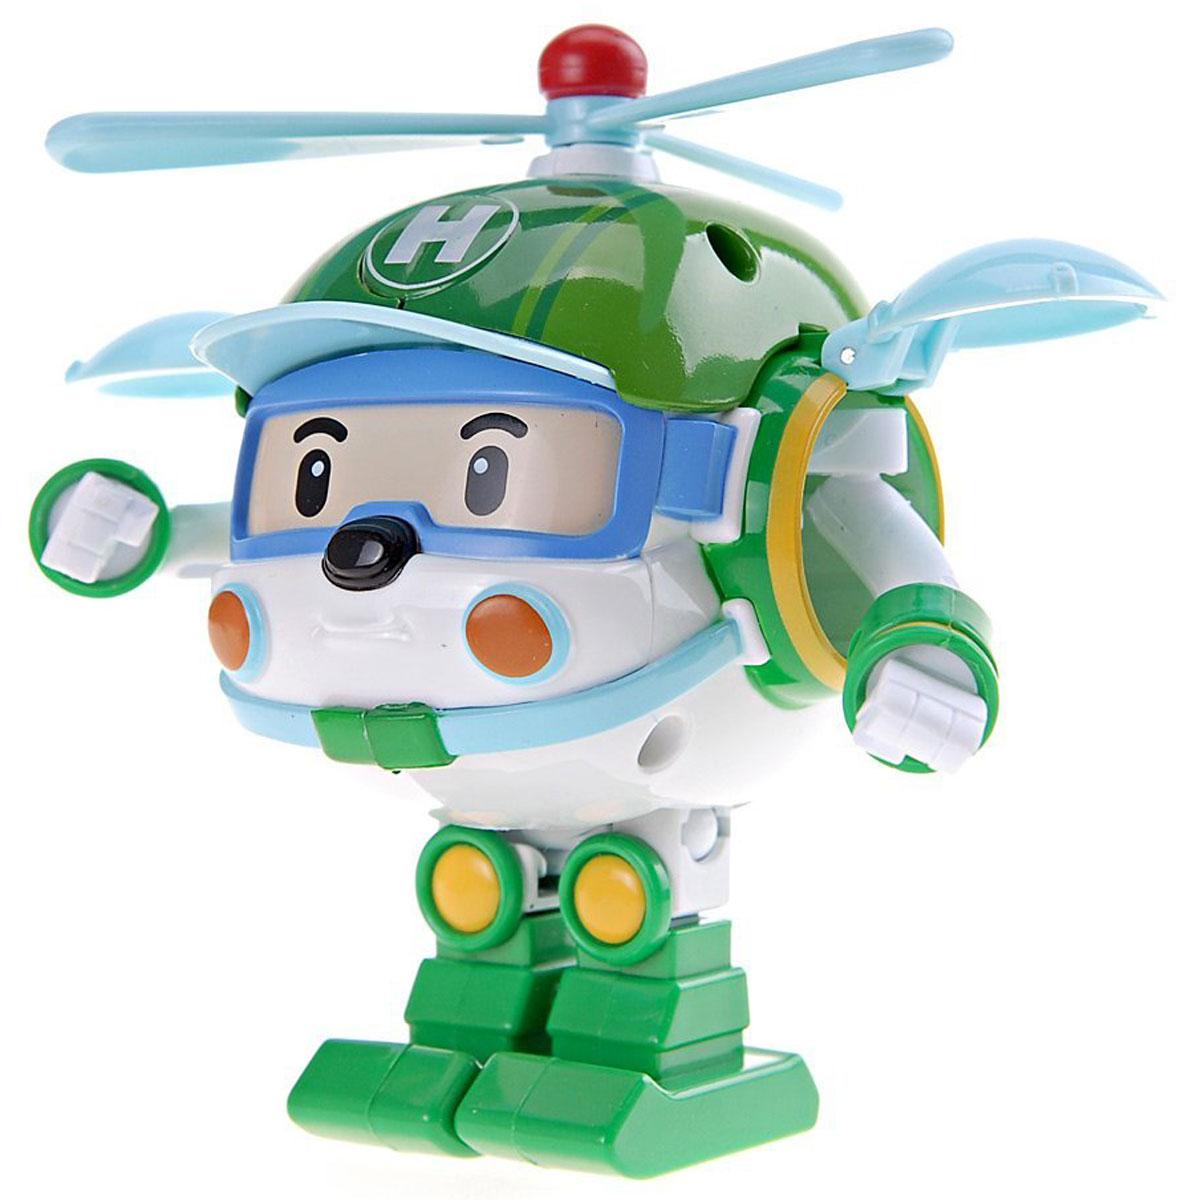 Robocar Poli Игрушка-трансформер Хэли 10 см83169Игрушка-трансформер Хэли не оставит равнодушным вашего малыша. Она выполнена из прочного пластика в виде вертолета-спасателя Хэли - персонажа мультфильма Робокар Поли и его друзья. Он всегда готов трансформироваться из робота в вертолет и вылететь на помощь любому жителю городка Брумстаун. Ваш ребенок с удовольствием будет играть с трансформером, придумывая разные истории. Порадуйте его таким замечательным подарком!